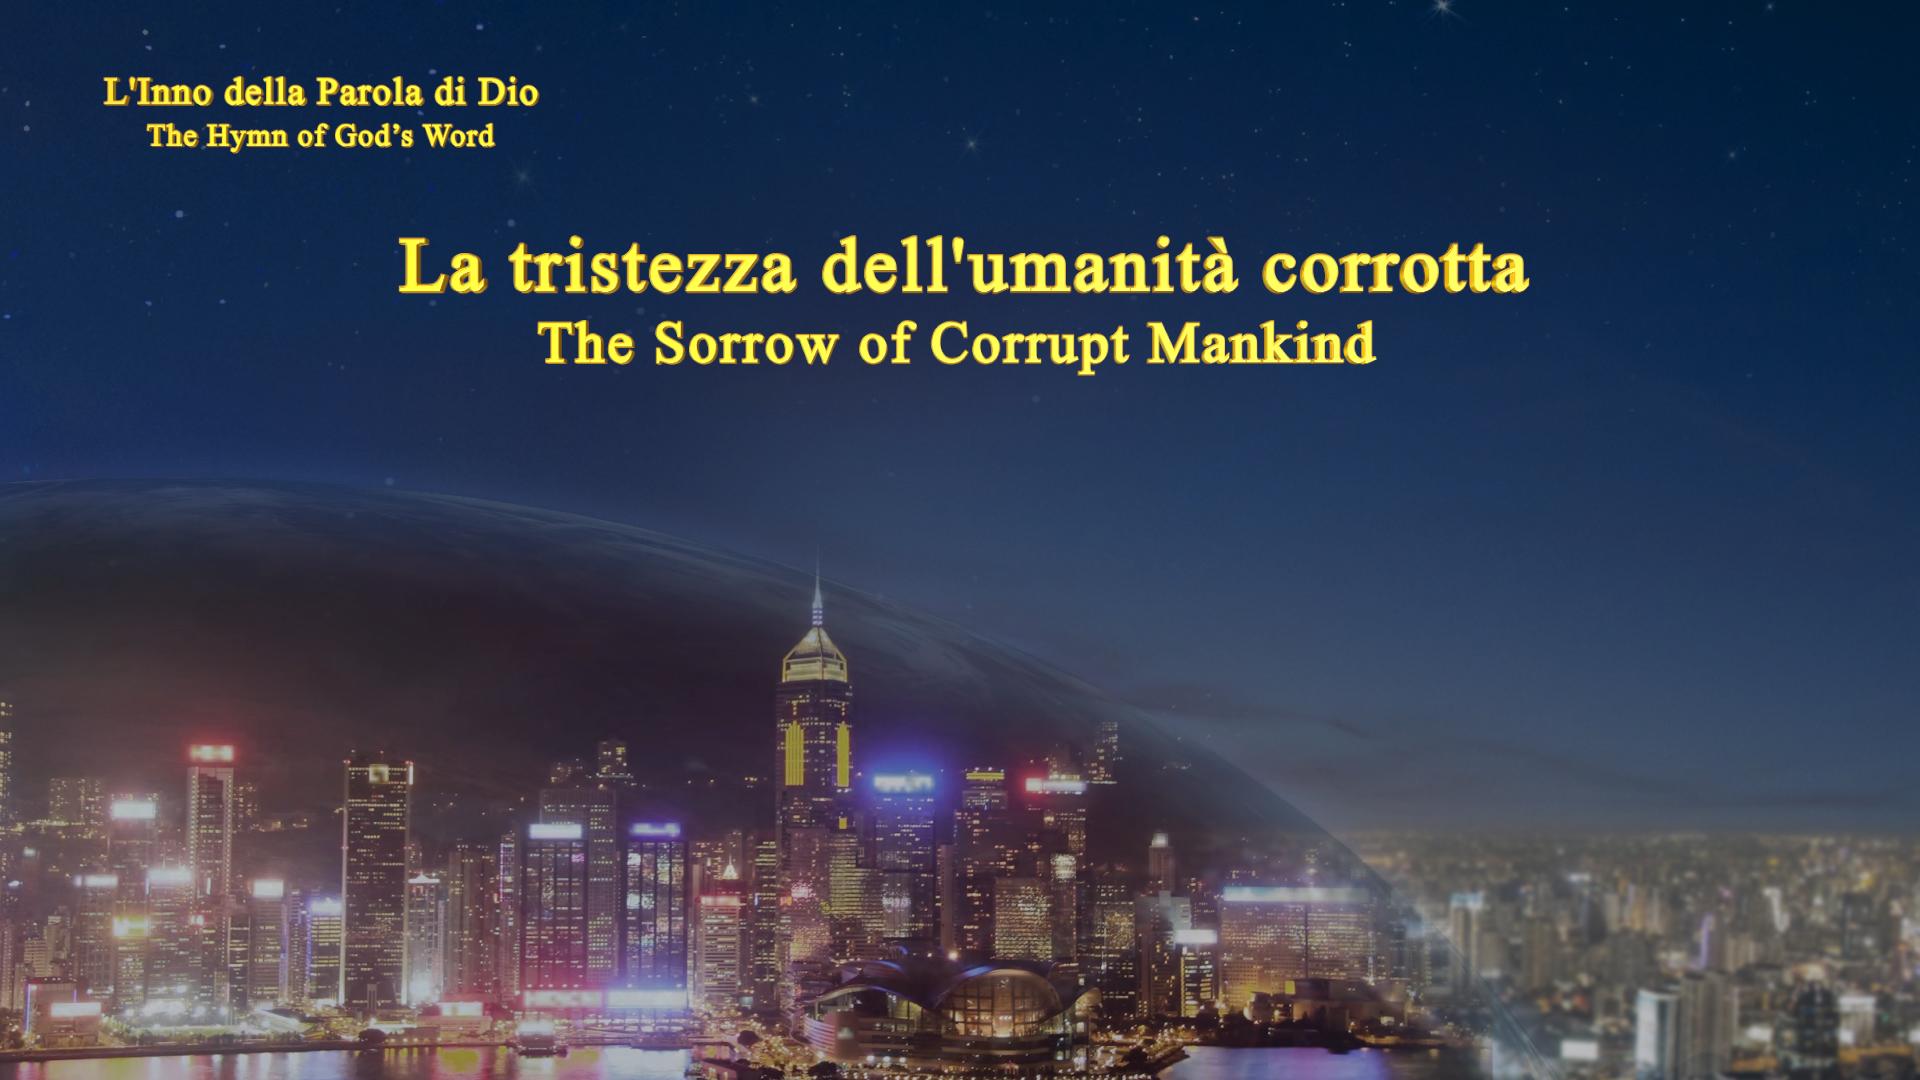 L'inno della parola di Dio La tristezza dell'umanità corrotta